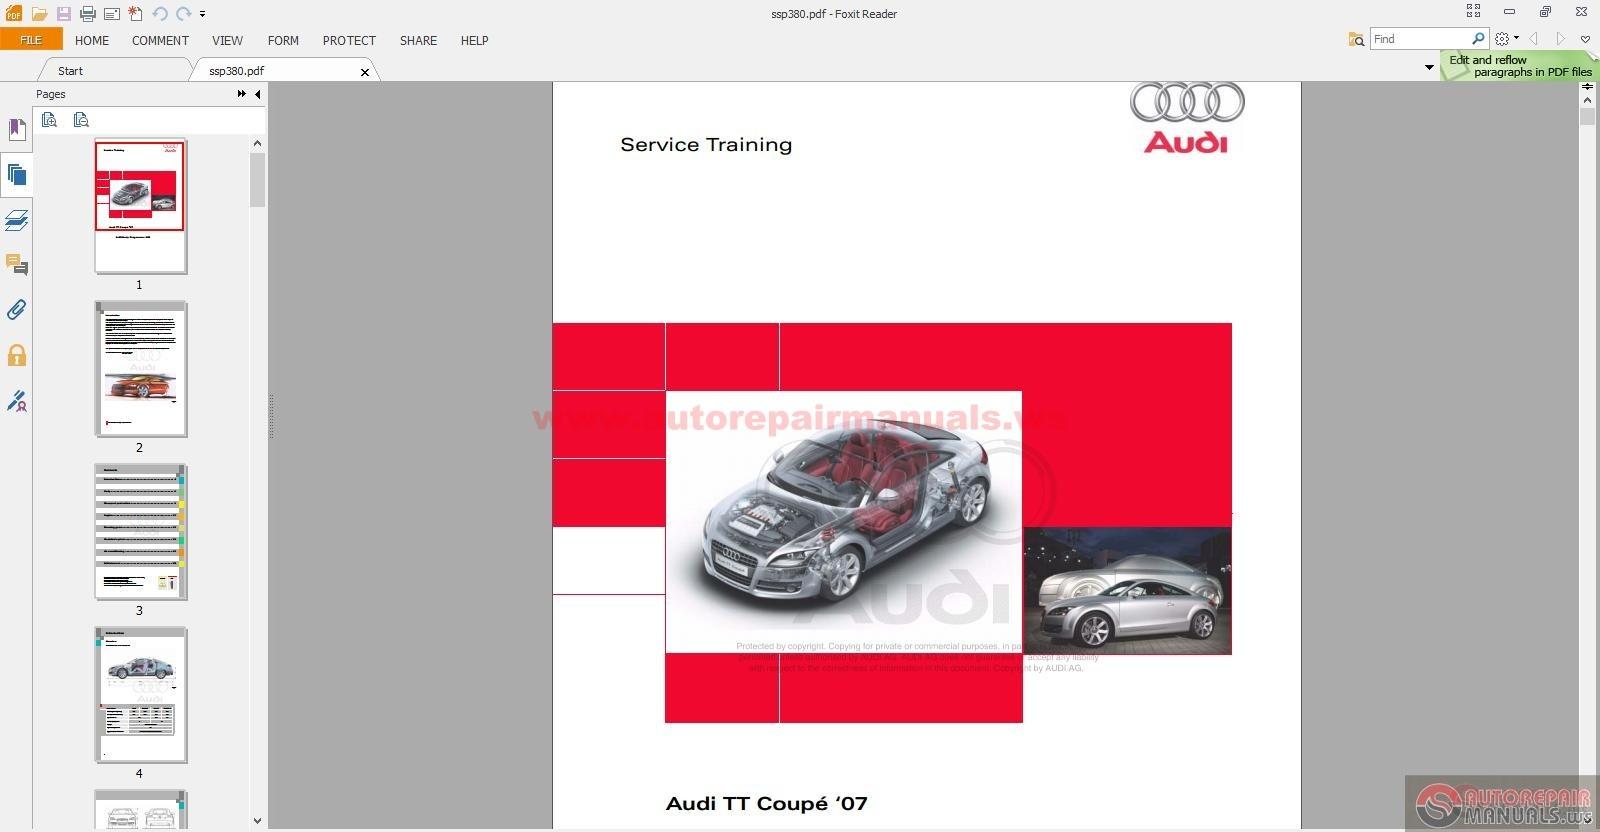 audi q5 repair manual pdf manuals library for free rh anime mediafire com audi q5 repair manual free download audi q5 repair manual